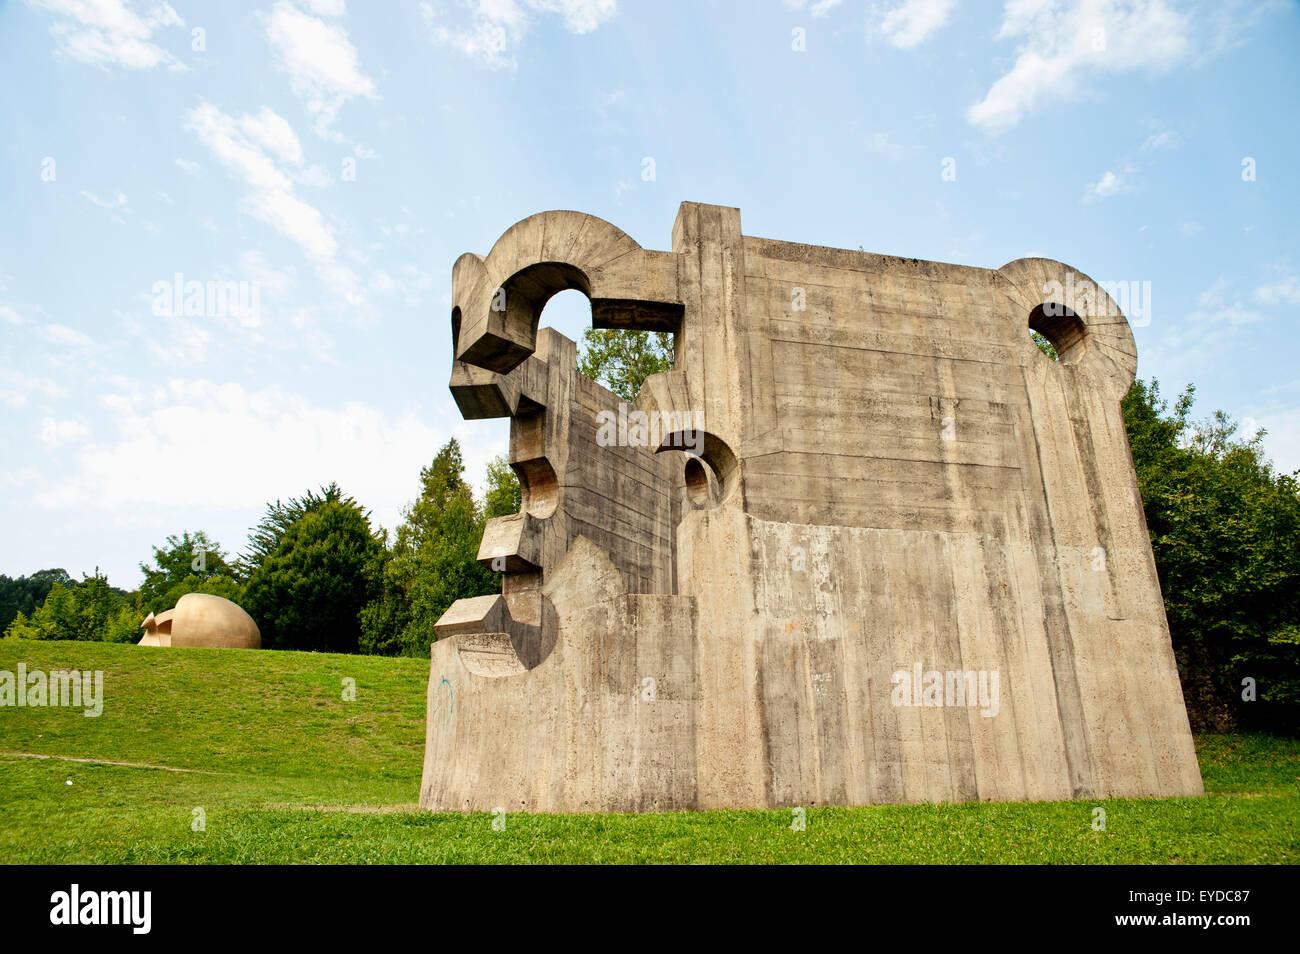 Parque de los pueblos de europa im genes de stock parque de los pueblos de europa fotos de - La casa del parque ...